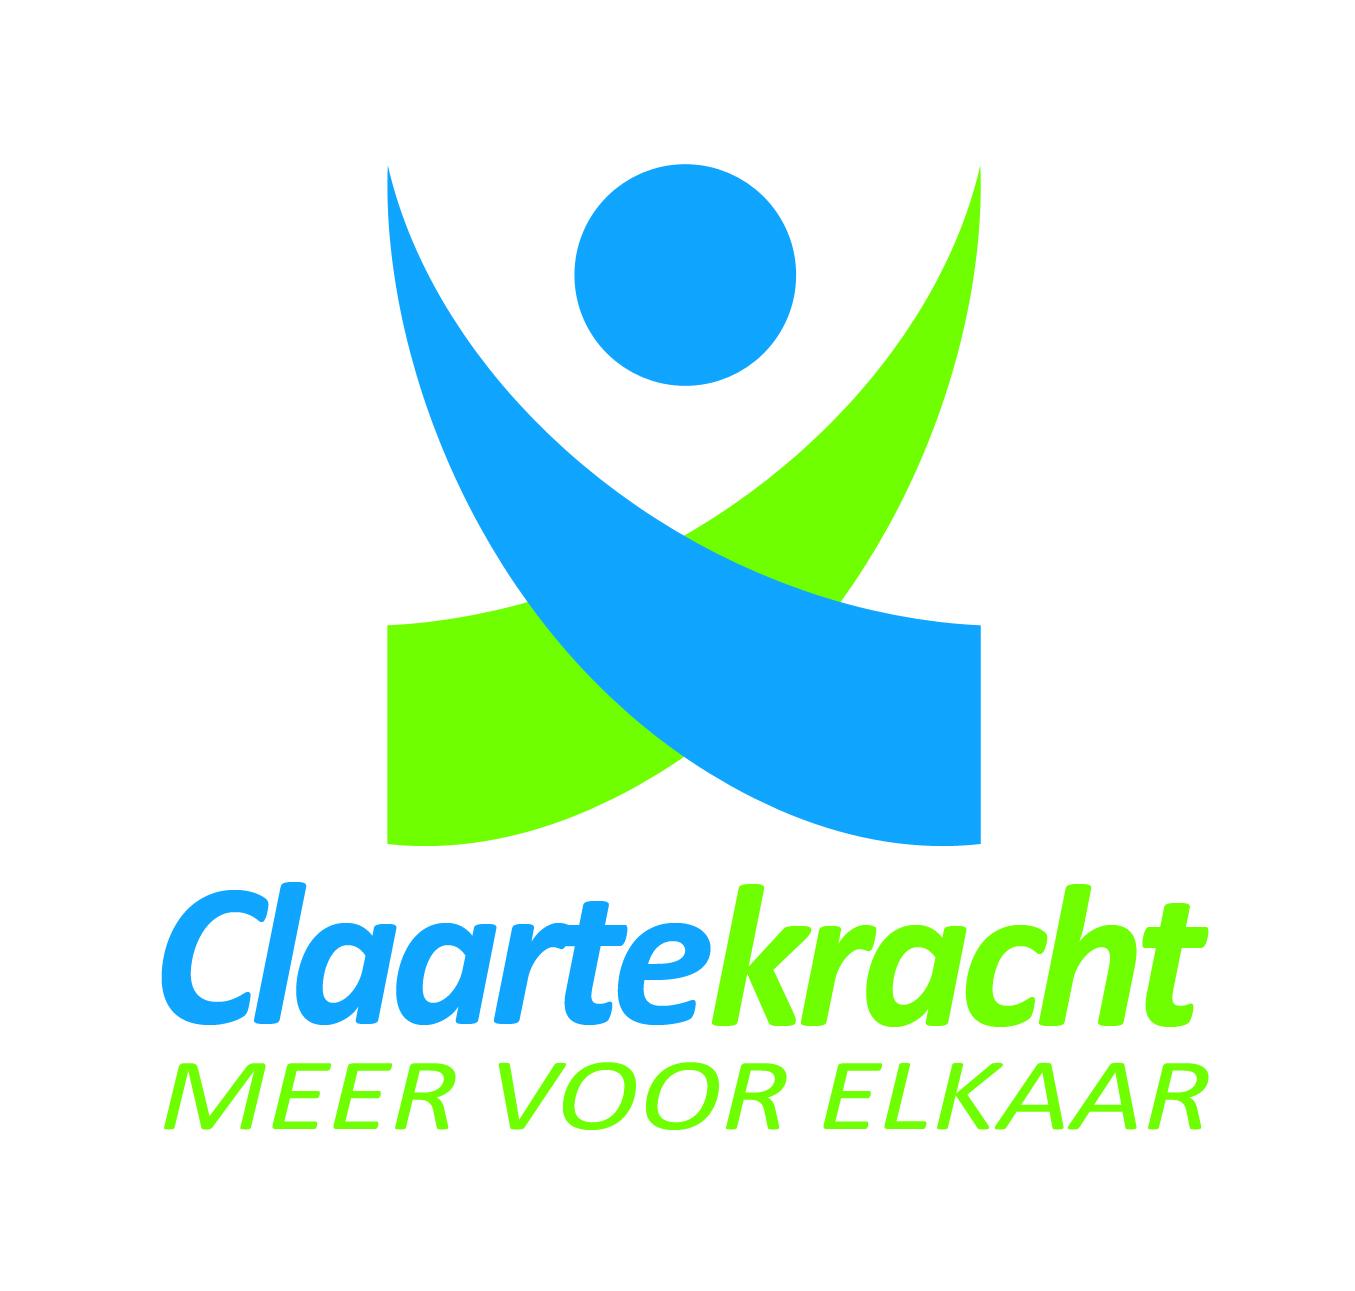 Claartekracht logo.jpg